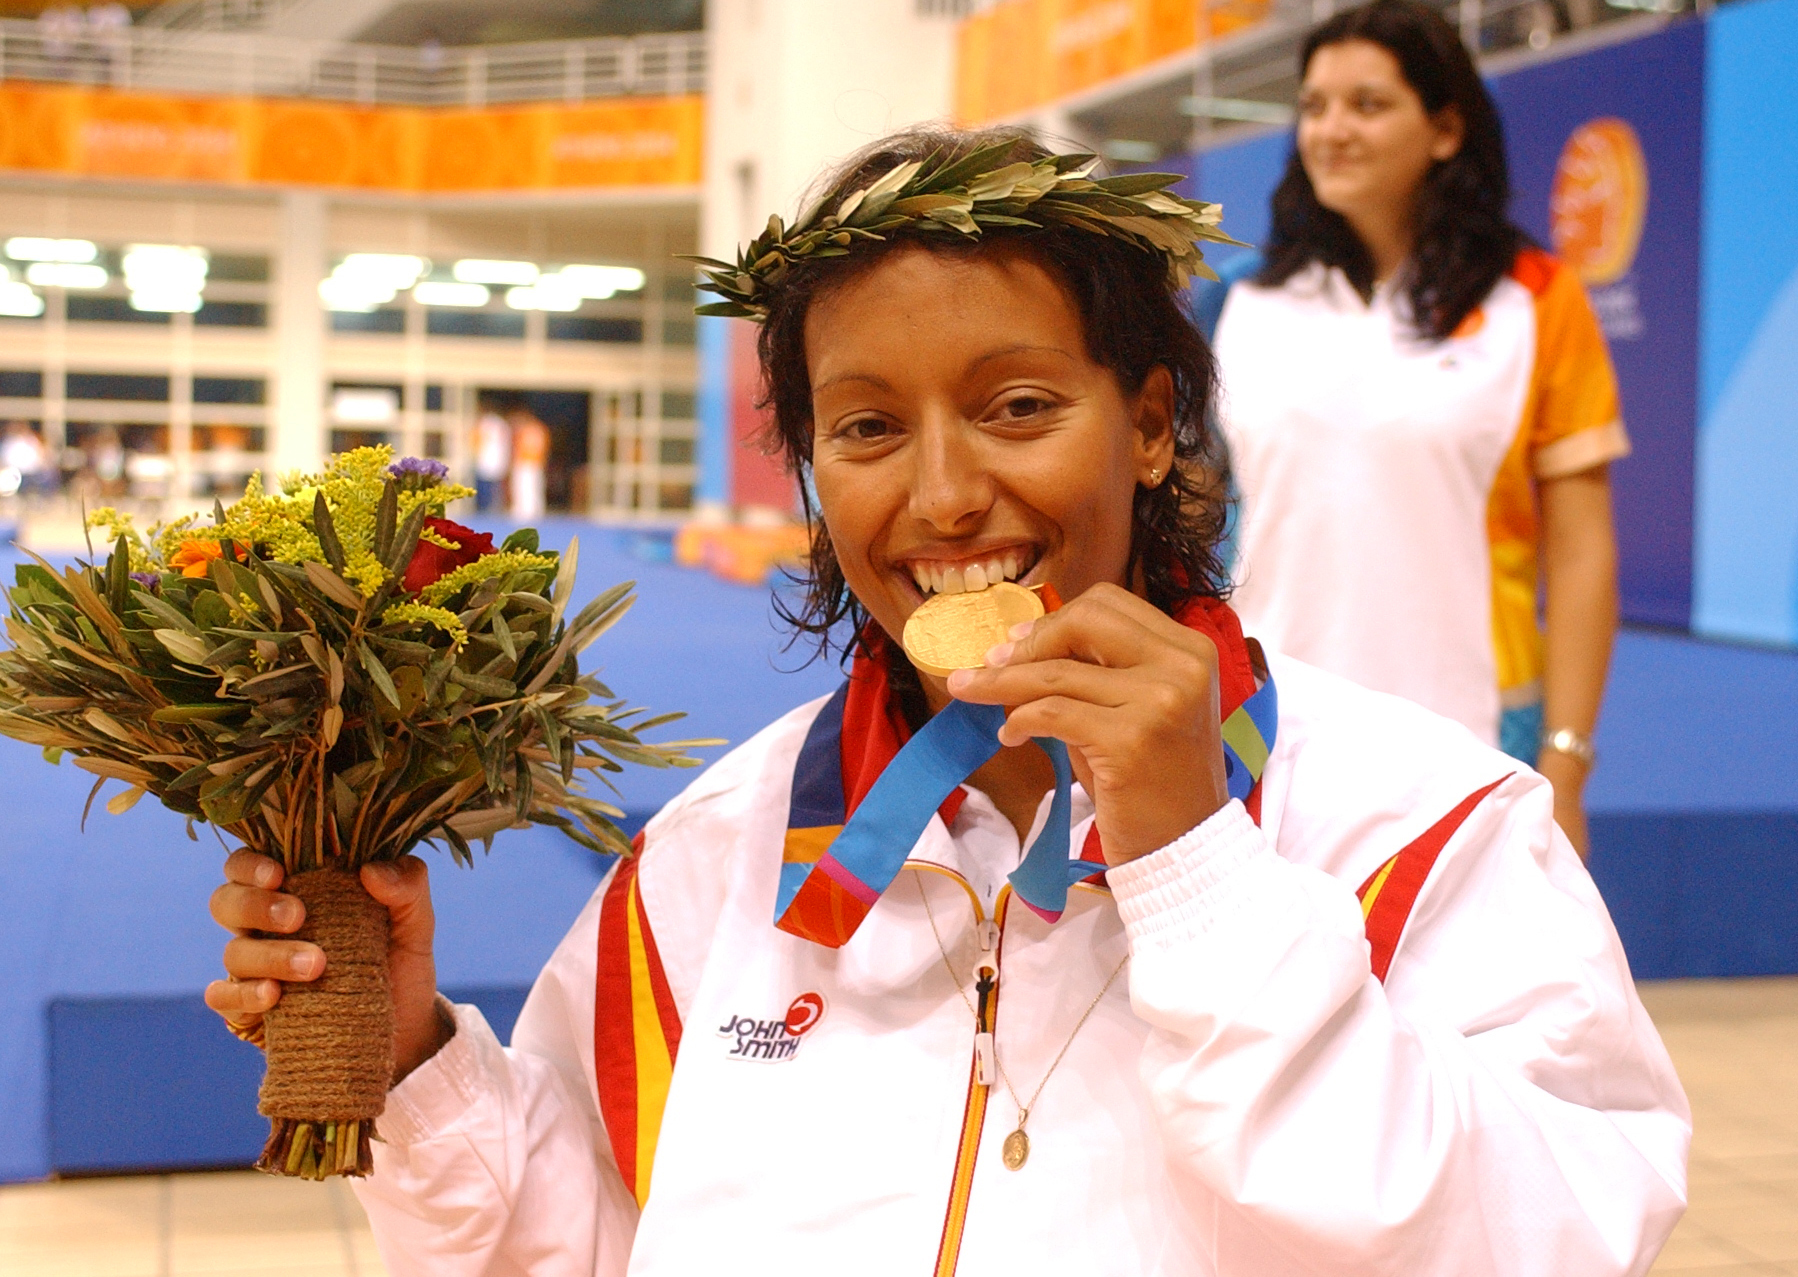 Segunda medalla de oro de la aragonesa Teresa Perales